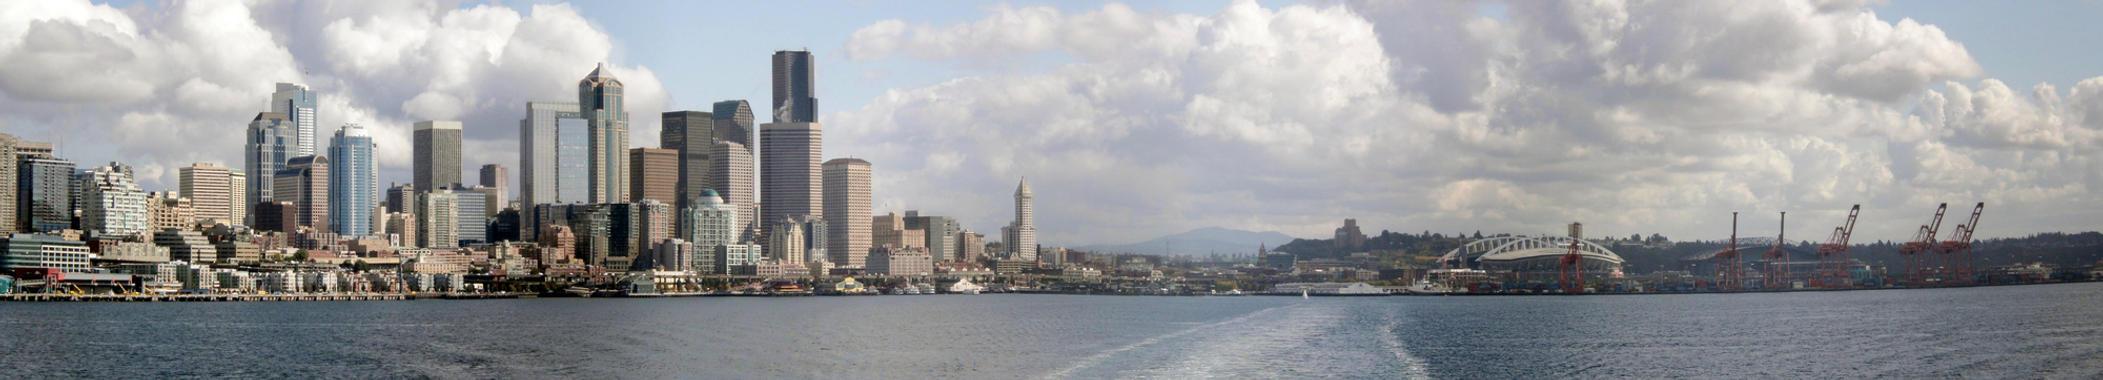 Seattle from Bainbridge Ferry by Mauser712